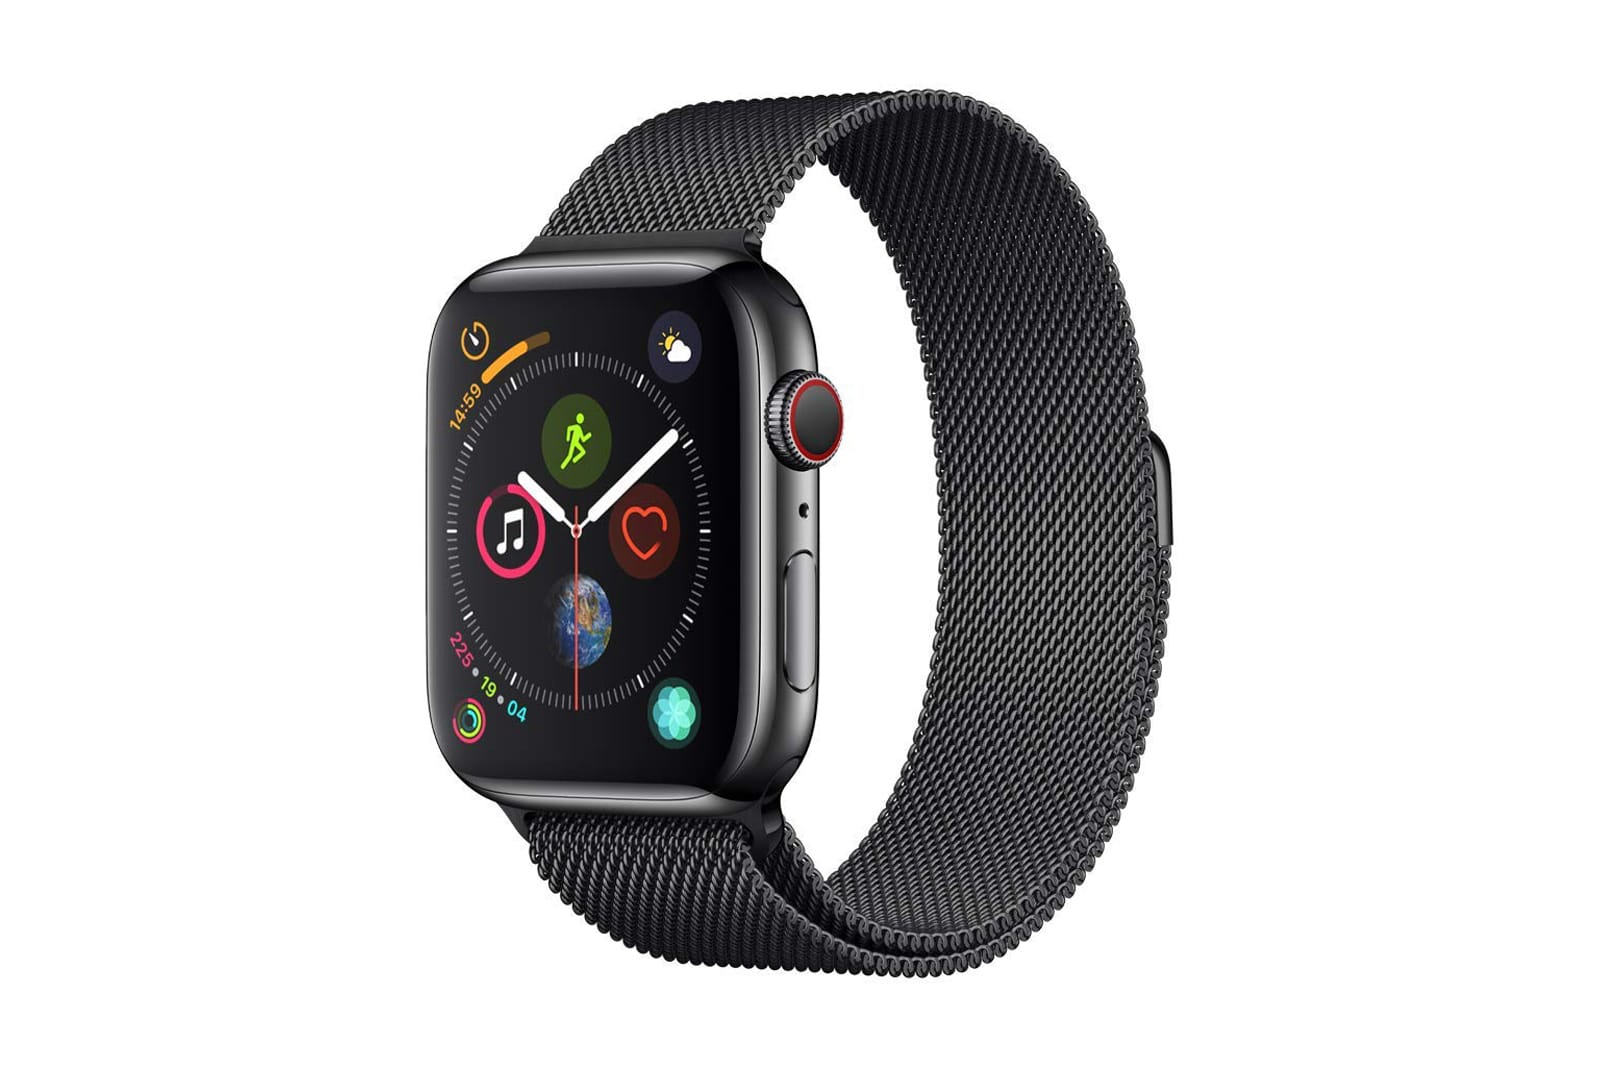 Apple Watch Series 4 black steel with milanese loop